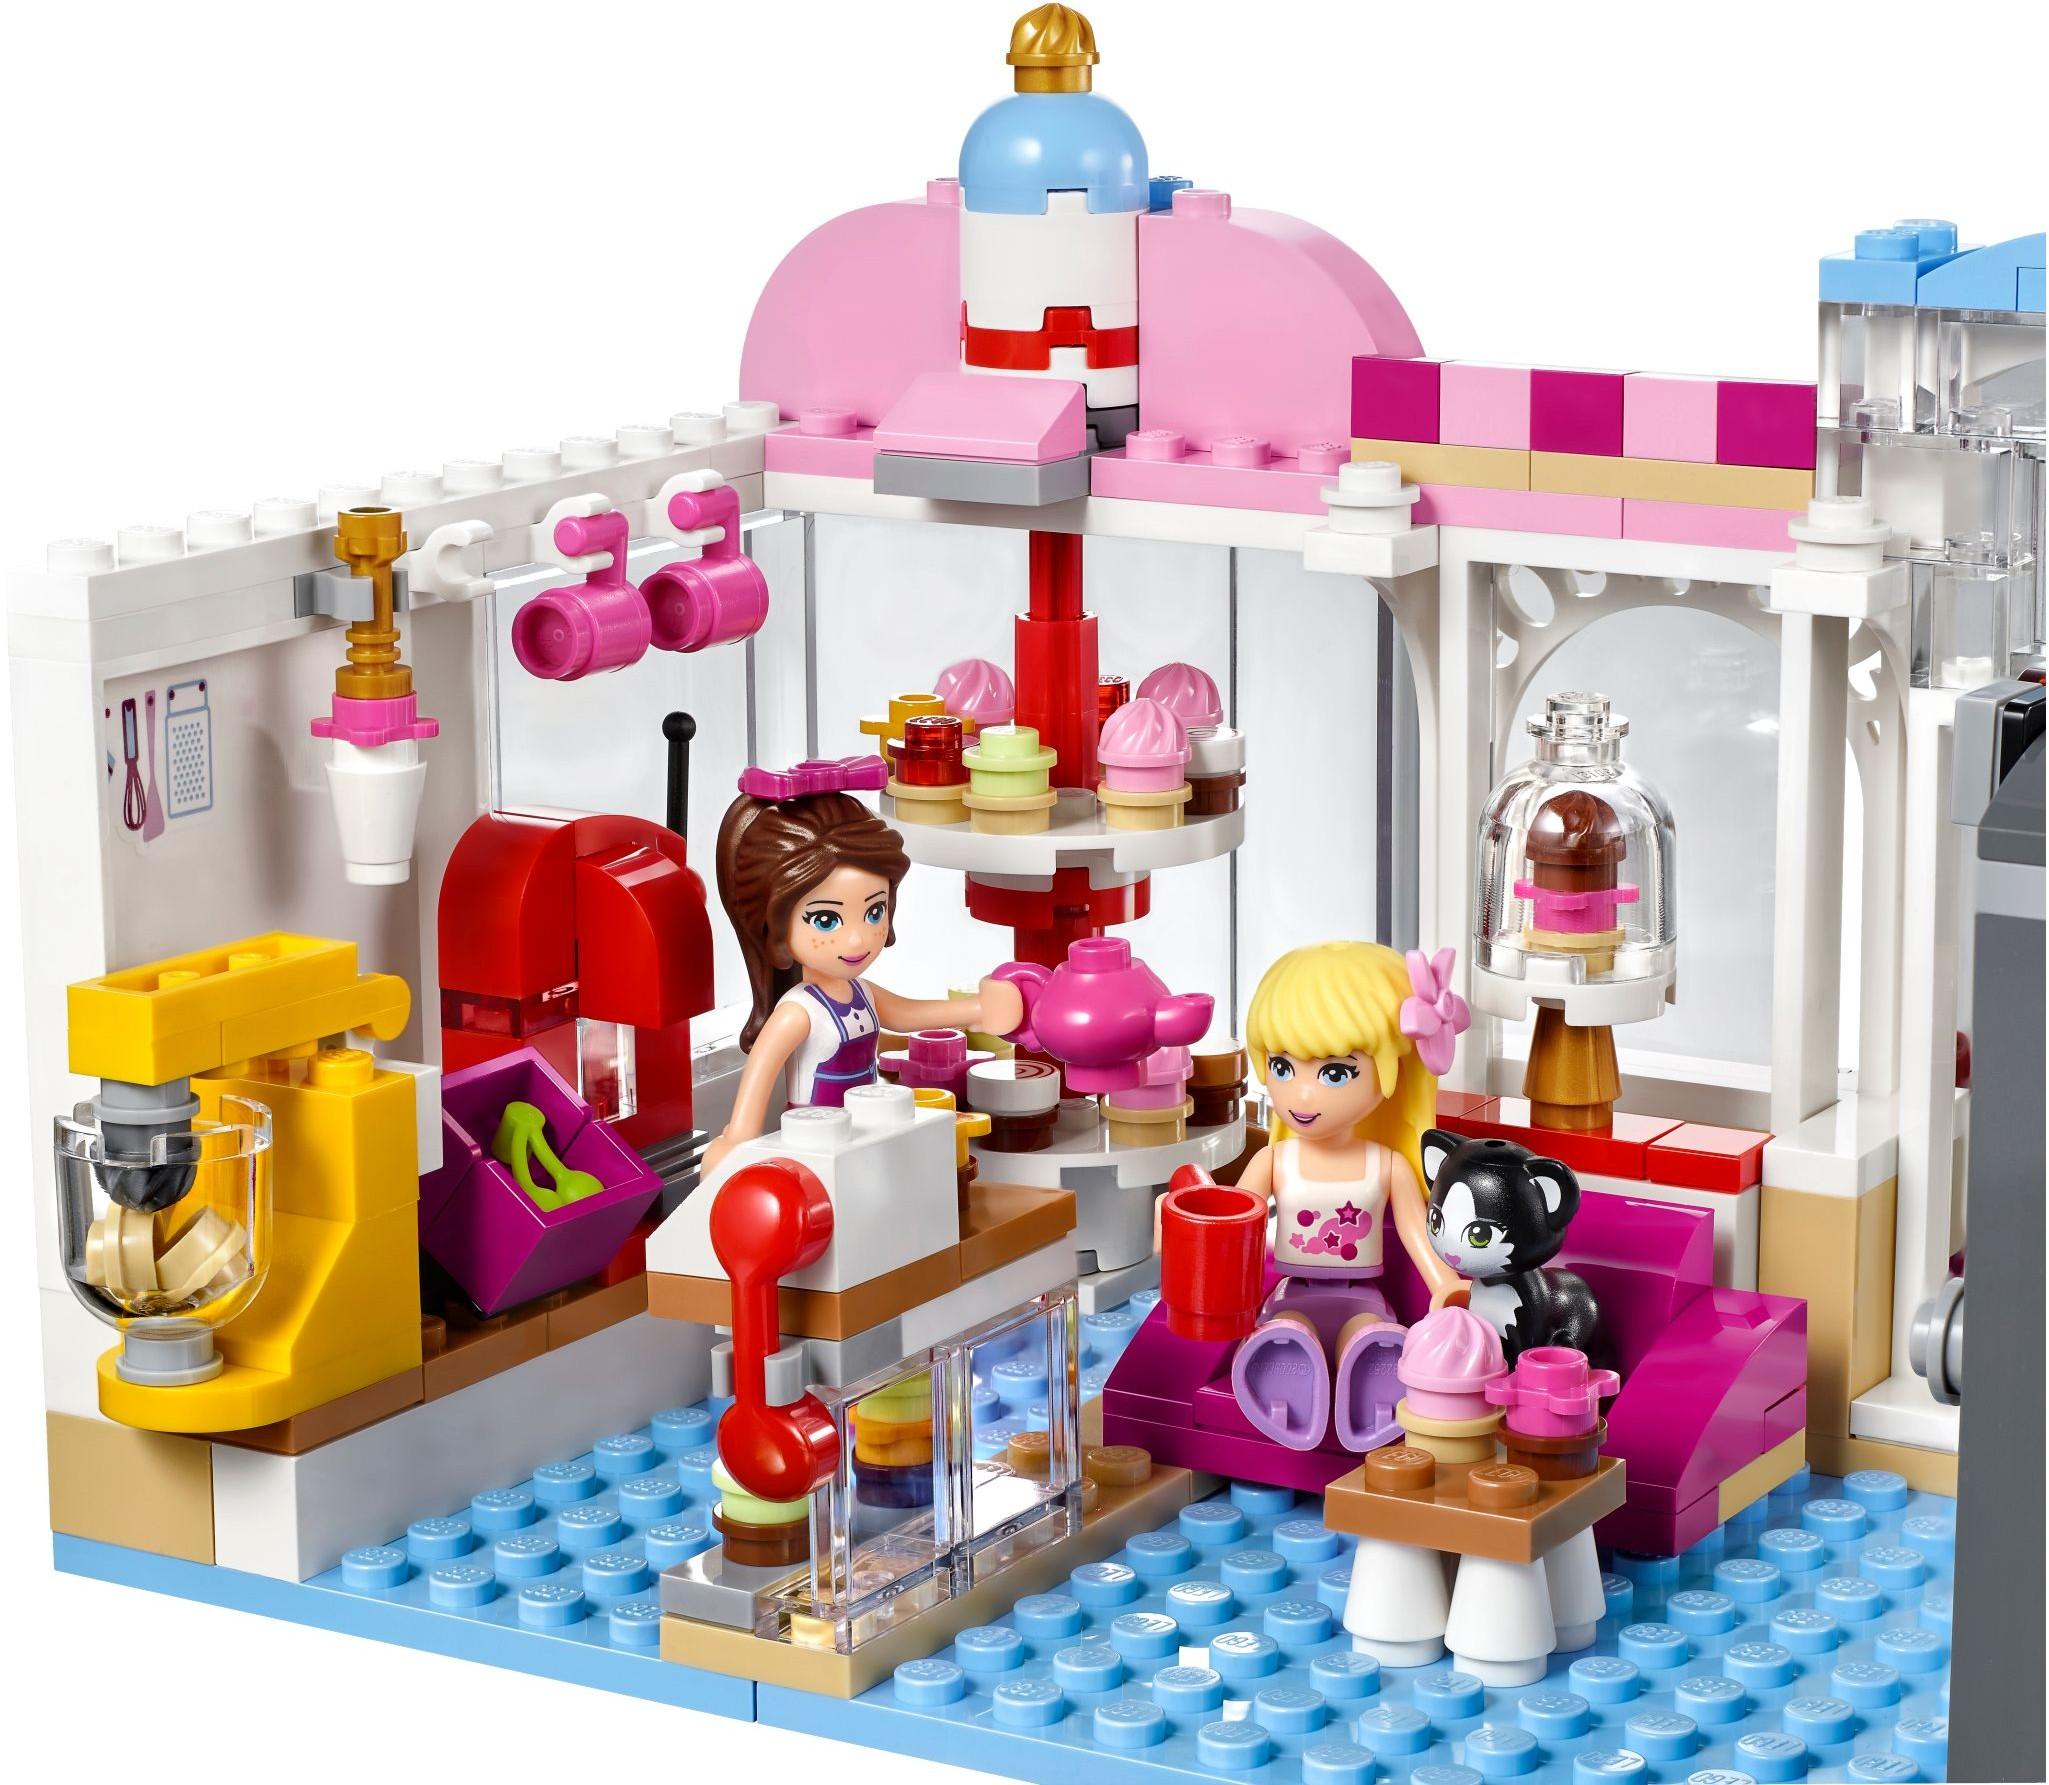 Klocki Lego Friends Cukiernia W Heartlake 41119 Archiwum Do Końca